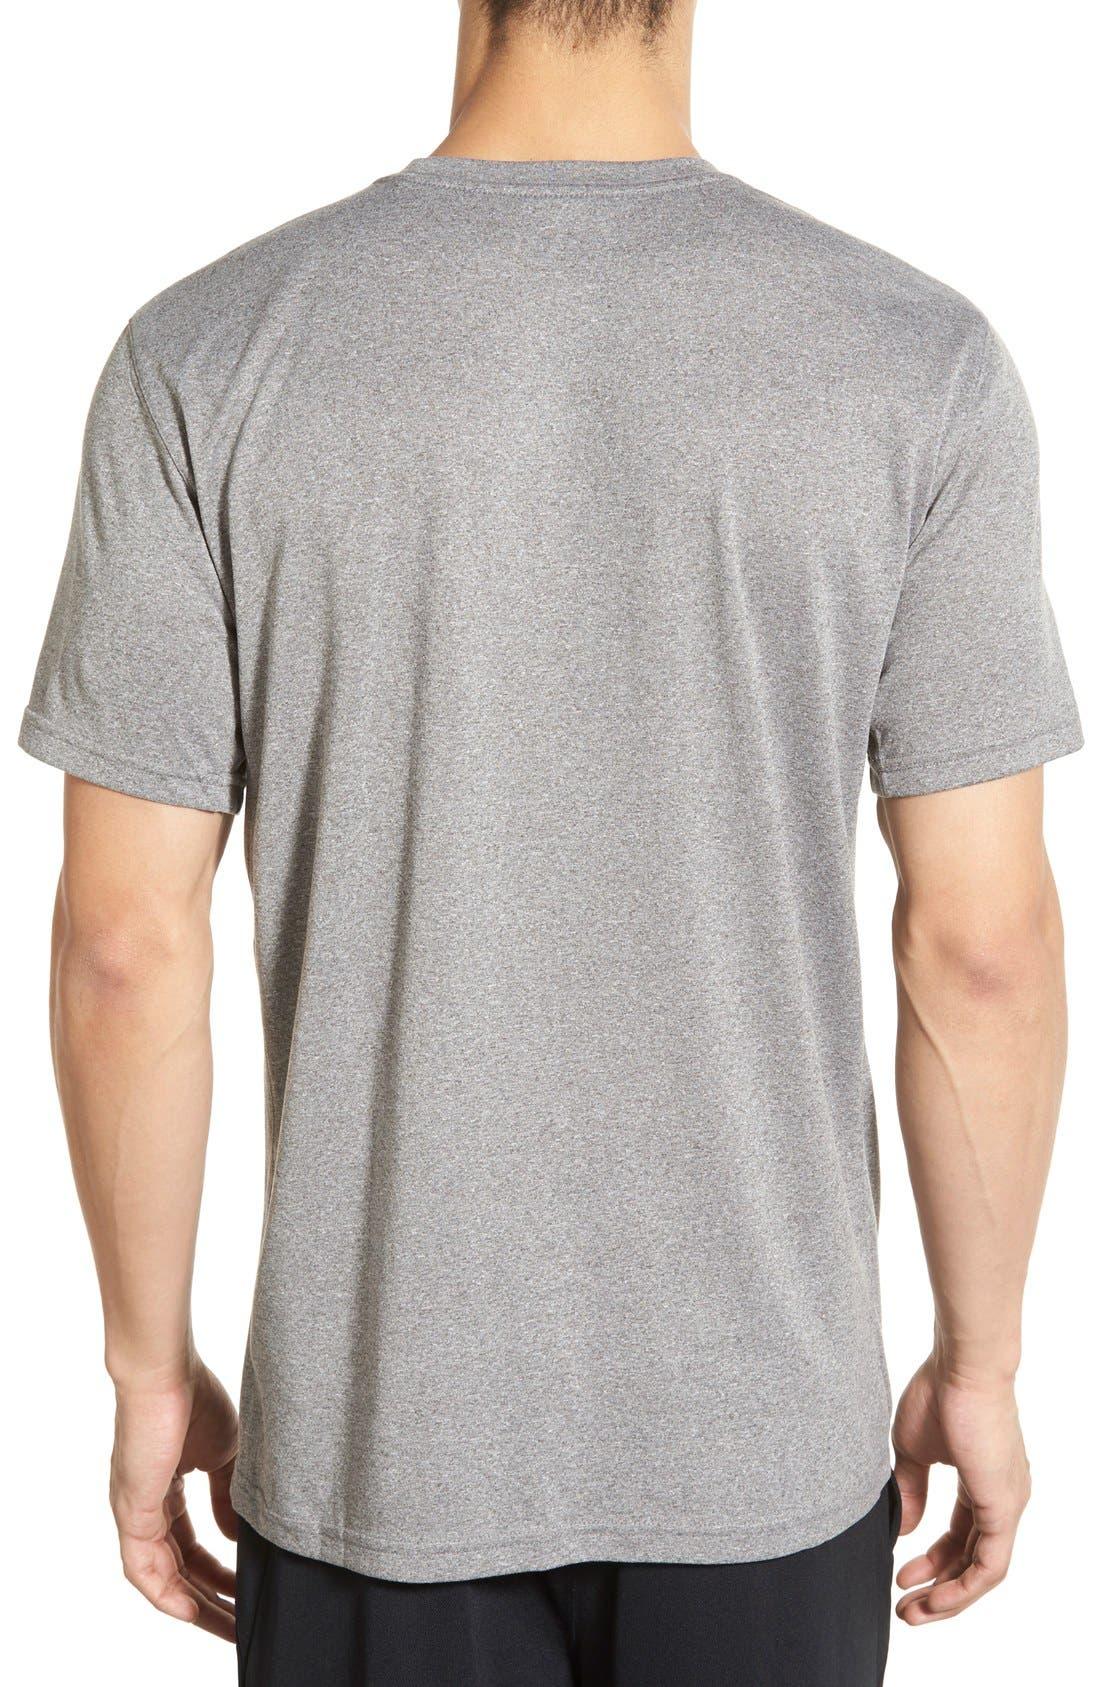 'Legend 2.0' Dri-FIT Training T-Shirt,                             Alternate thumbnail 2, color,                             Carbon Heather/ Black